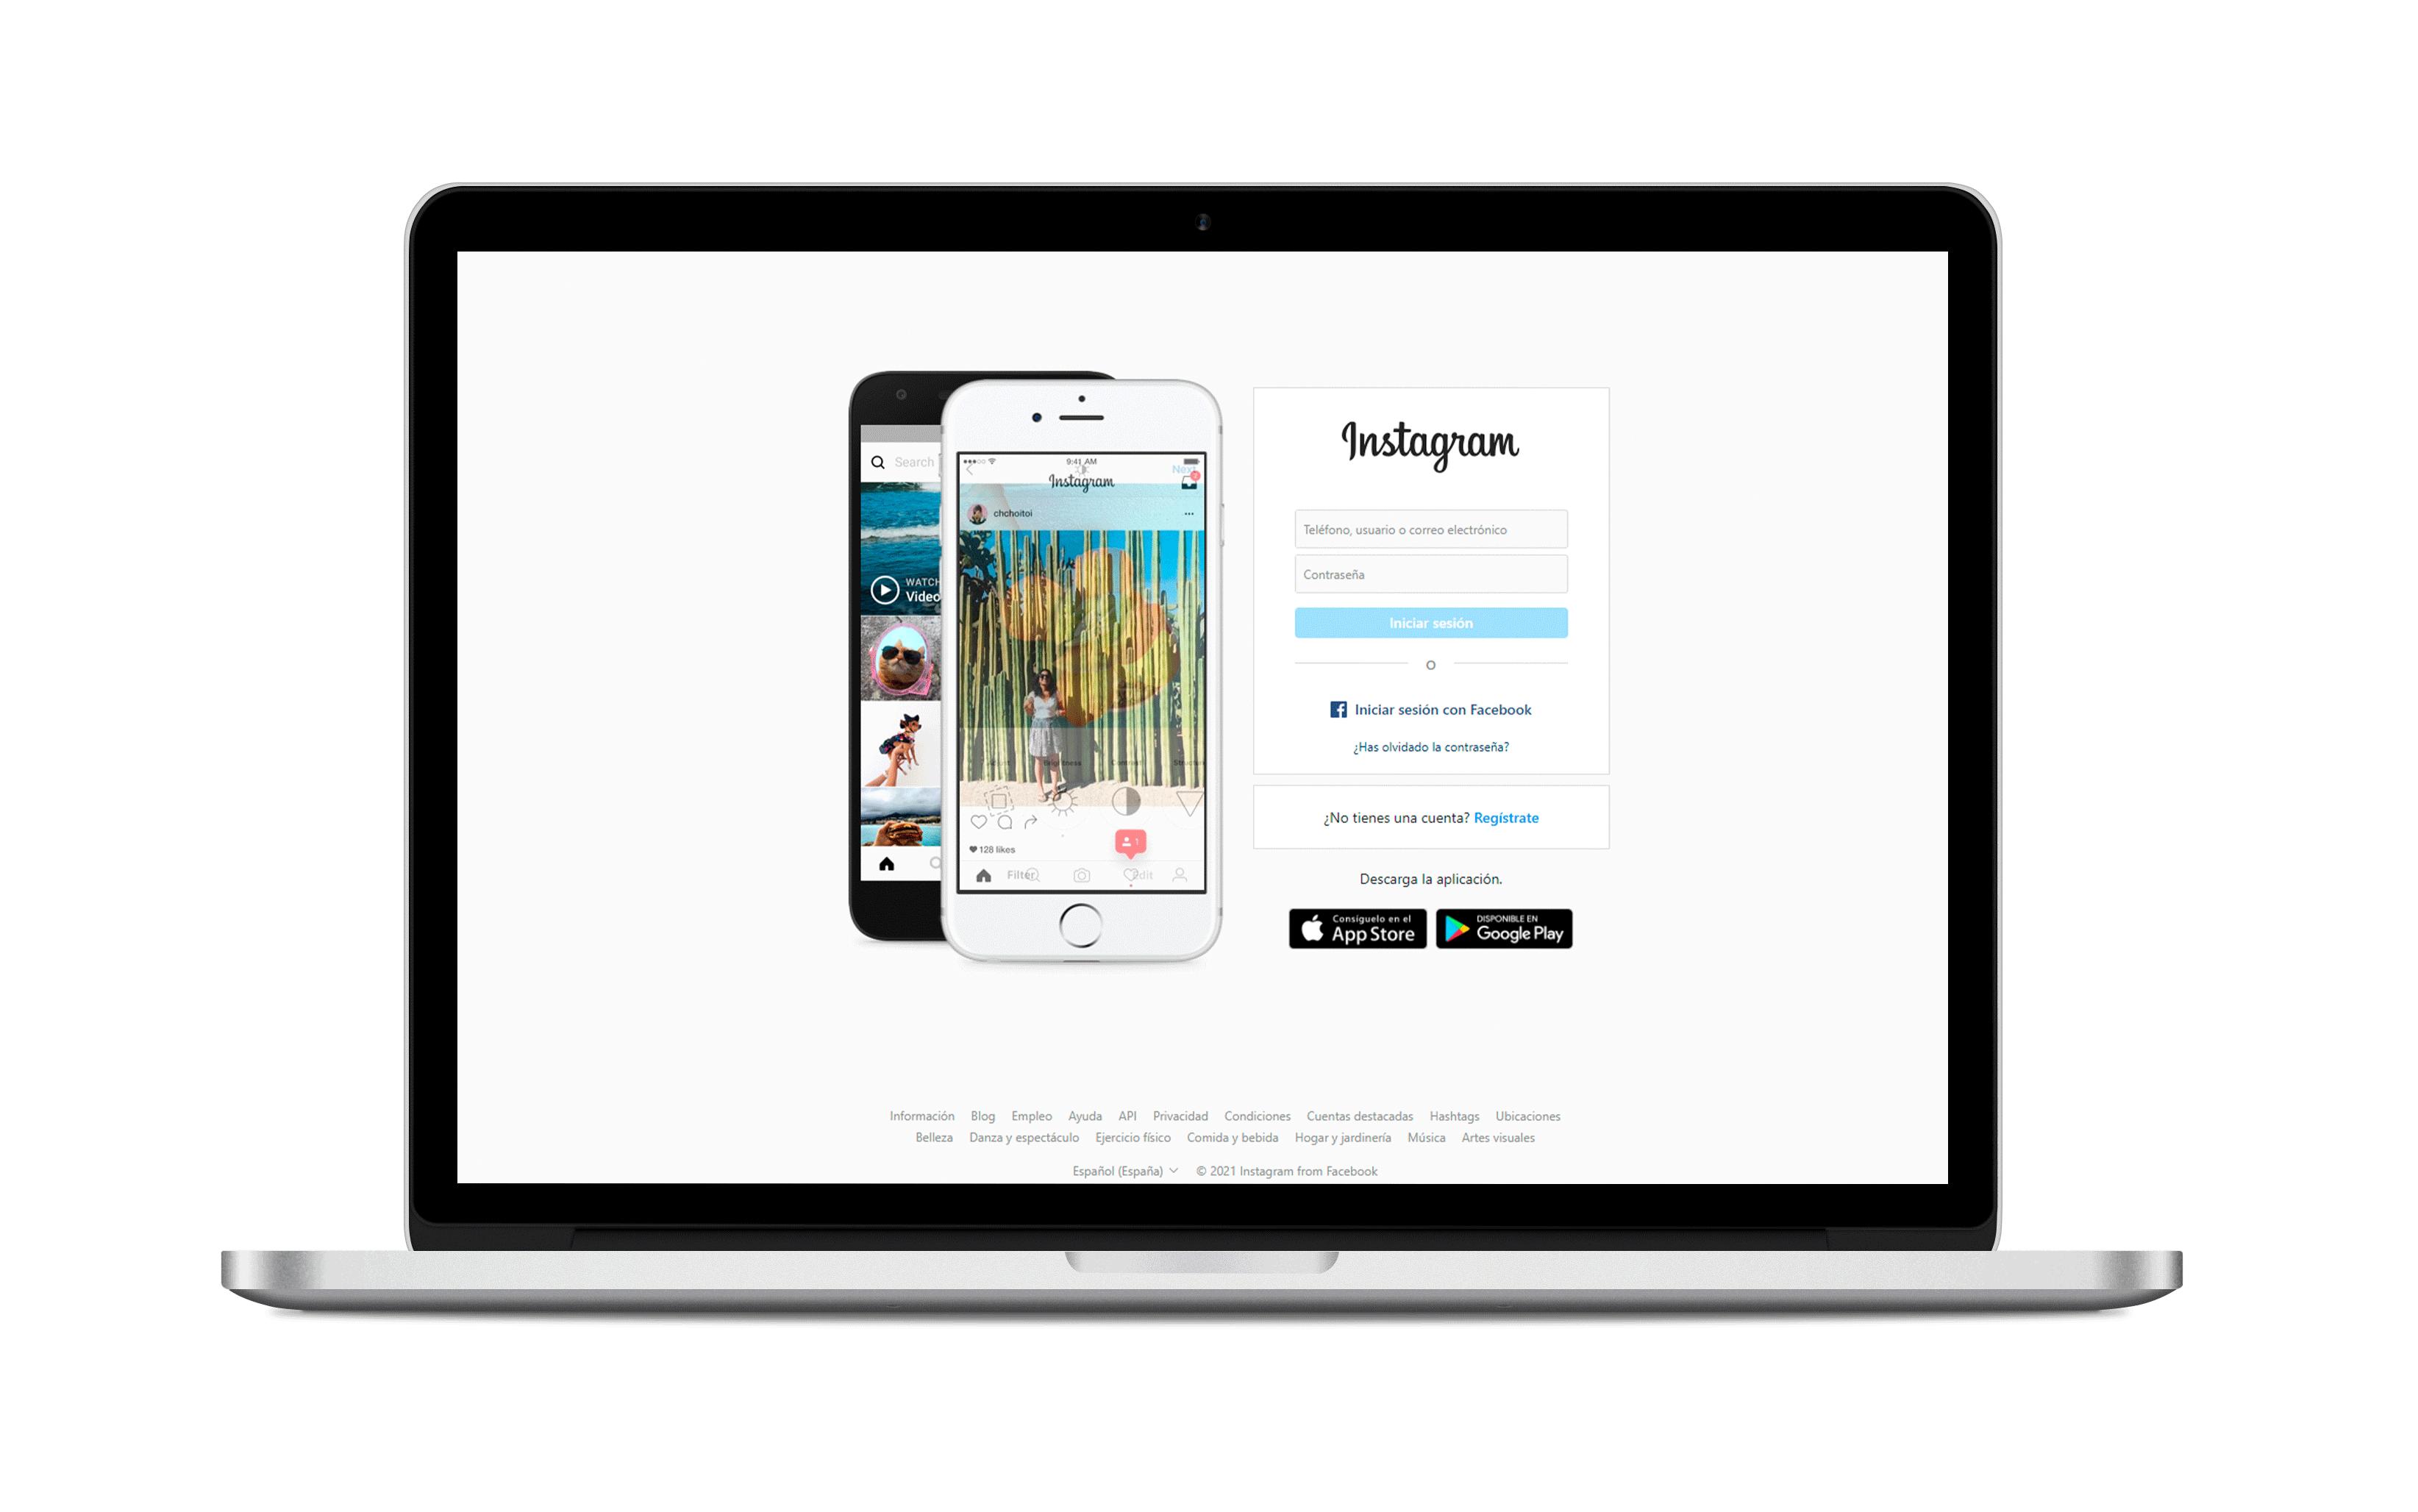 crear cuenta de Instagram desde el ordenador